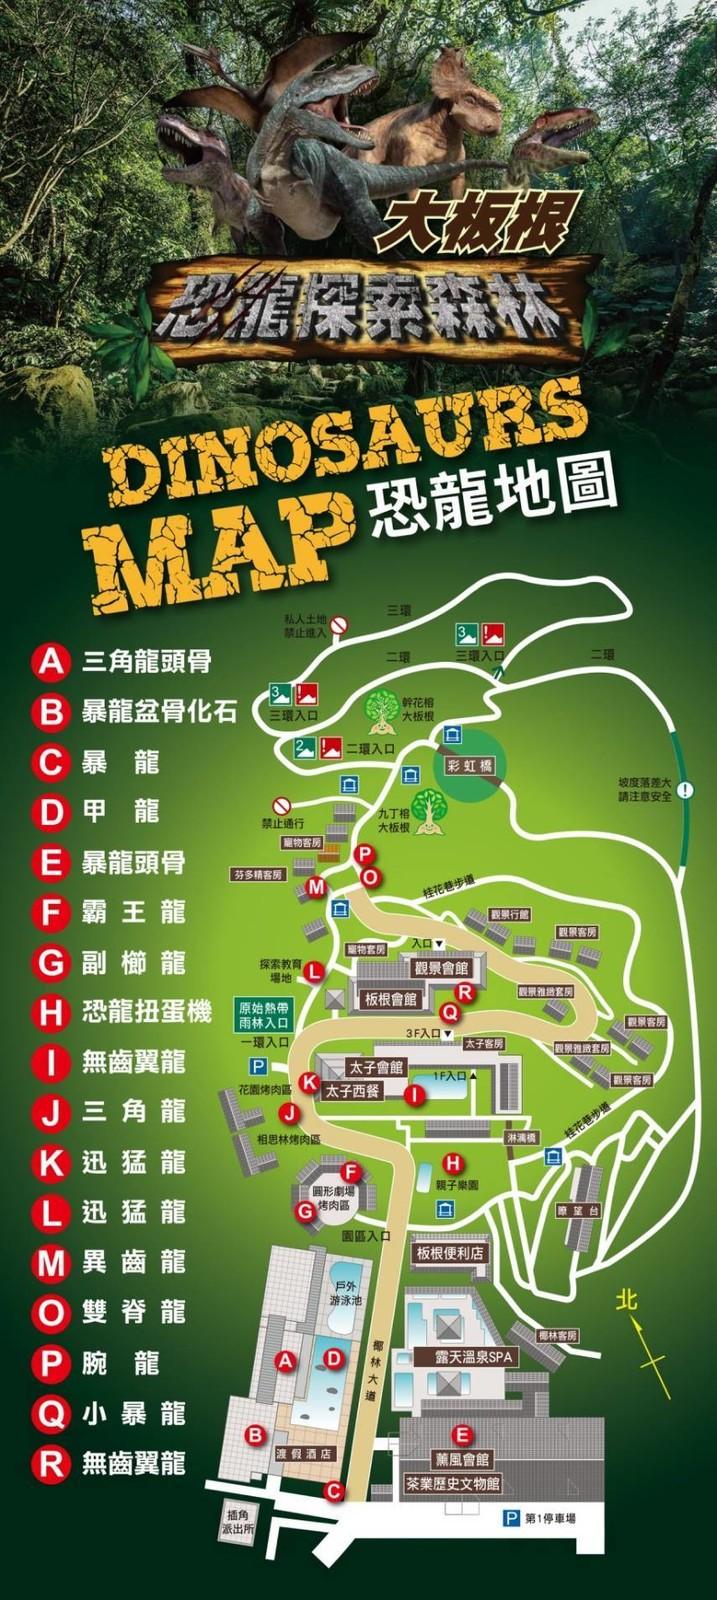 全新改版~大板根恐龍探索森林超好玩!! 來去叢林中找恐龍、免費親子活動玩不完、餵魚、賽車、露天溫泉泡湯去~